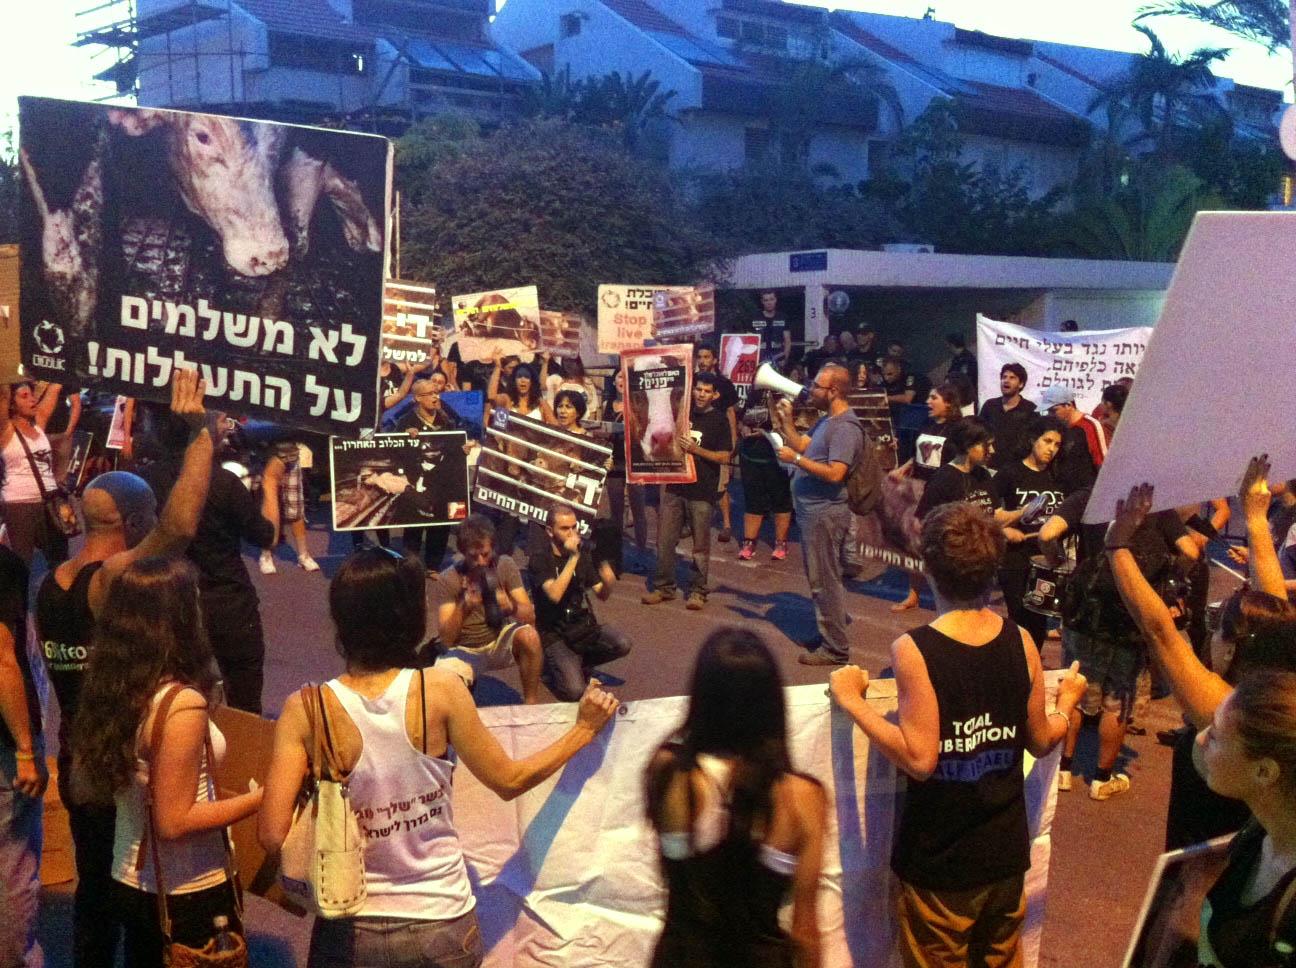 הפגנה מול בית לפיד. צילום: רויטל טופיול